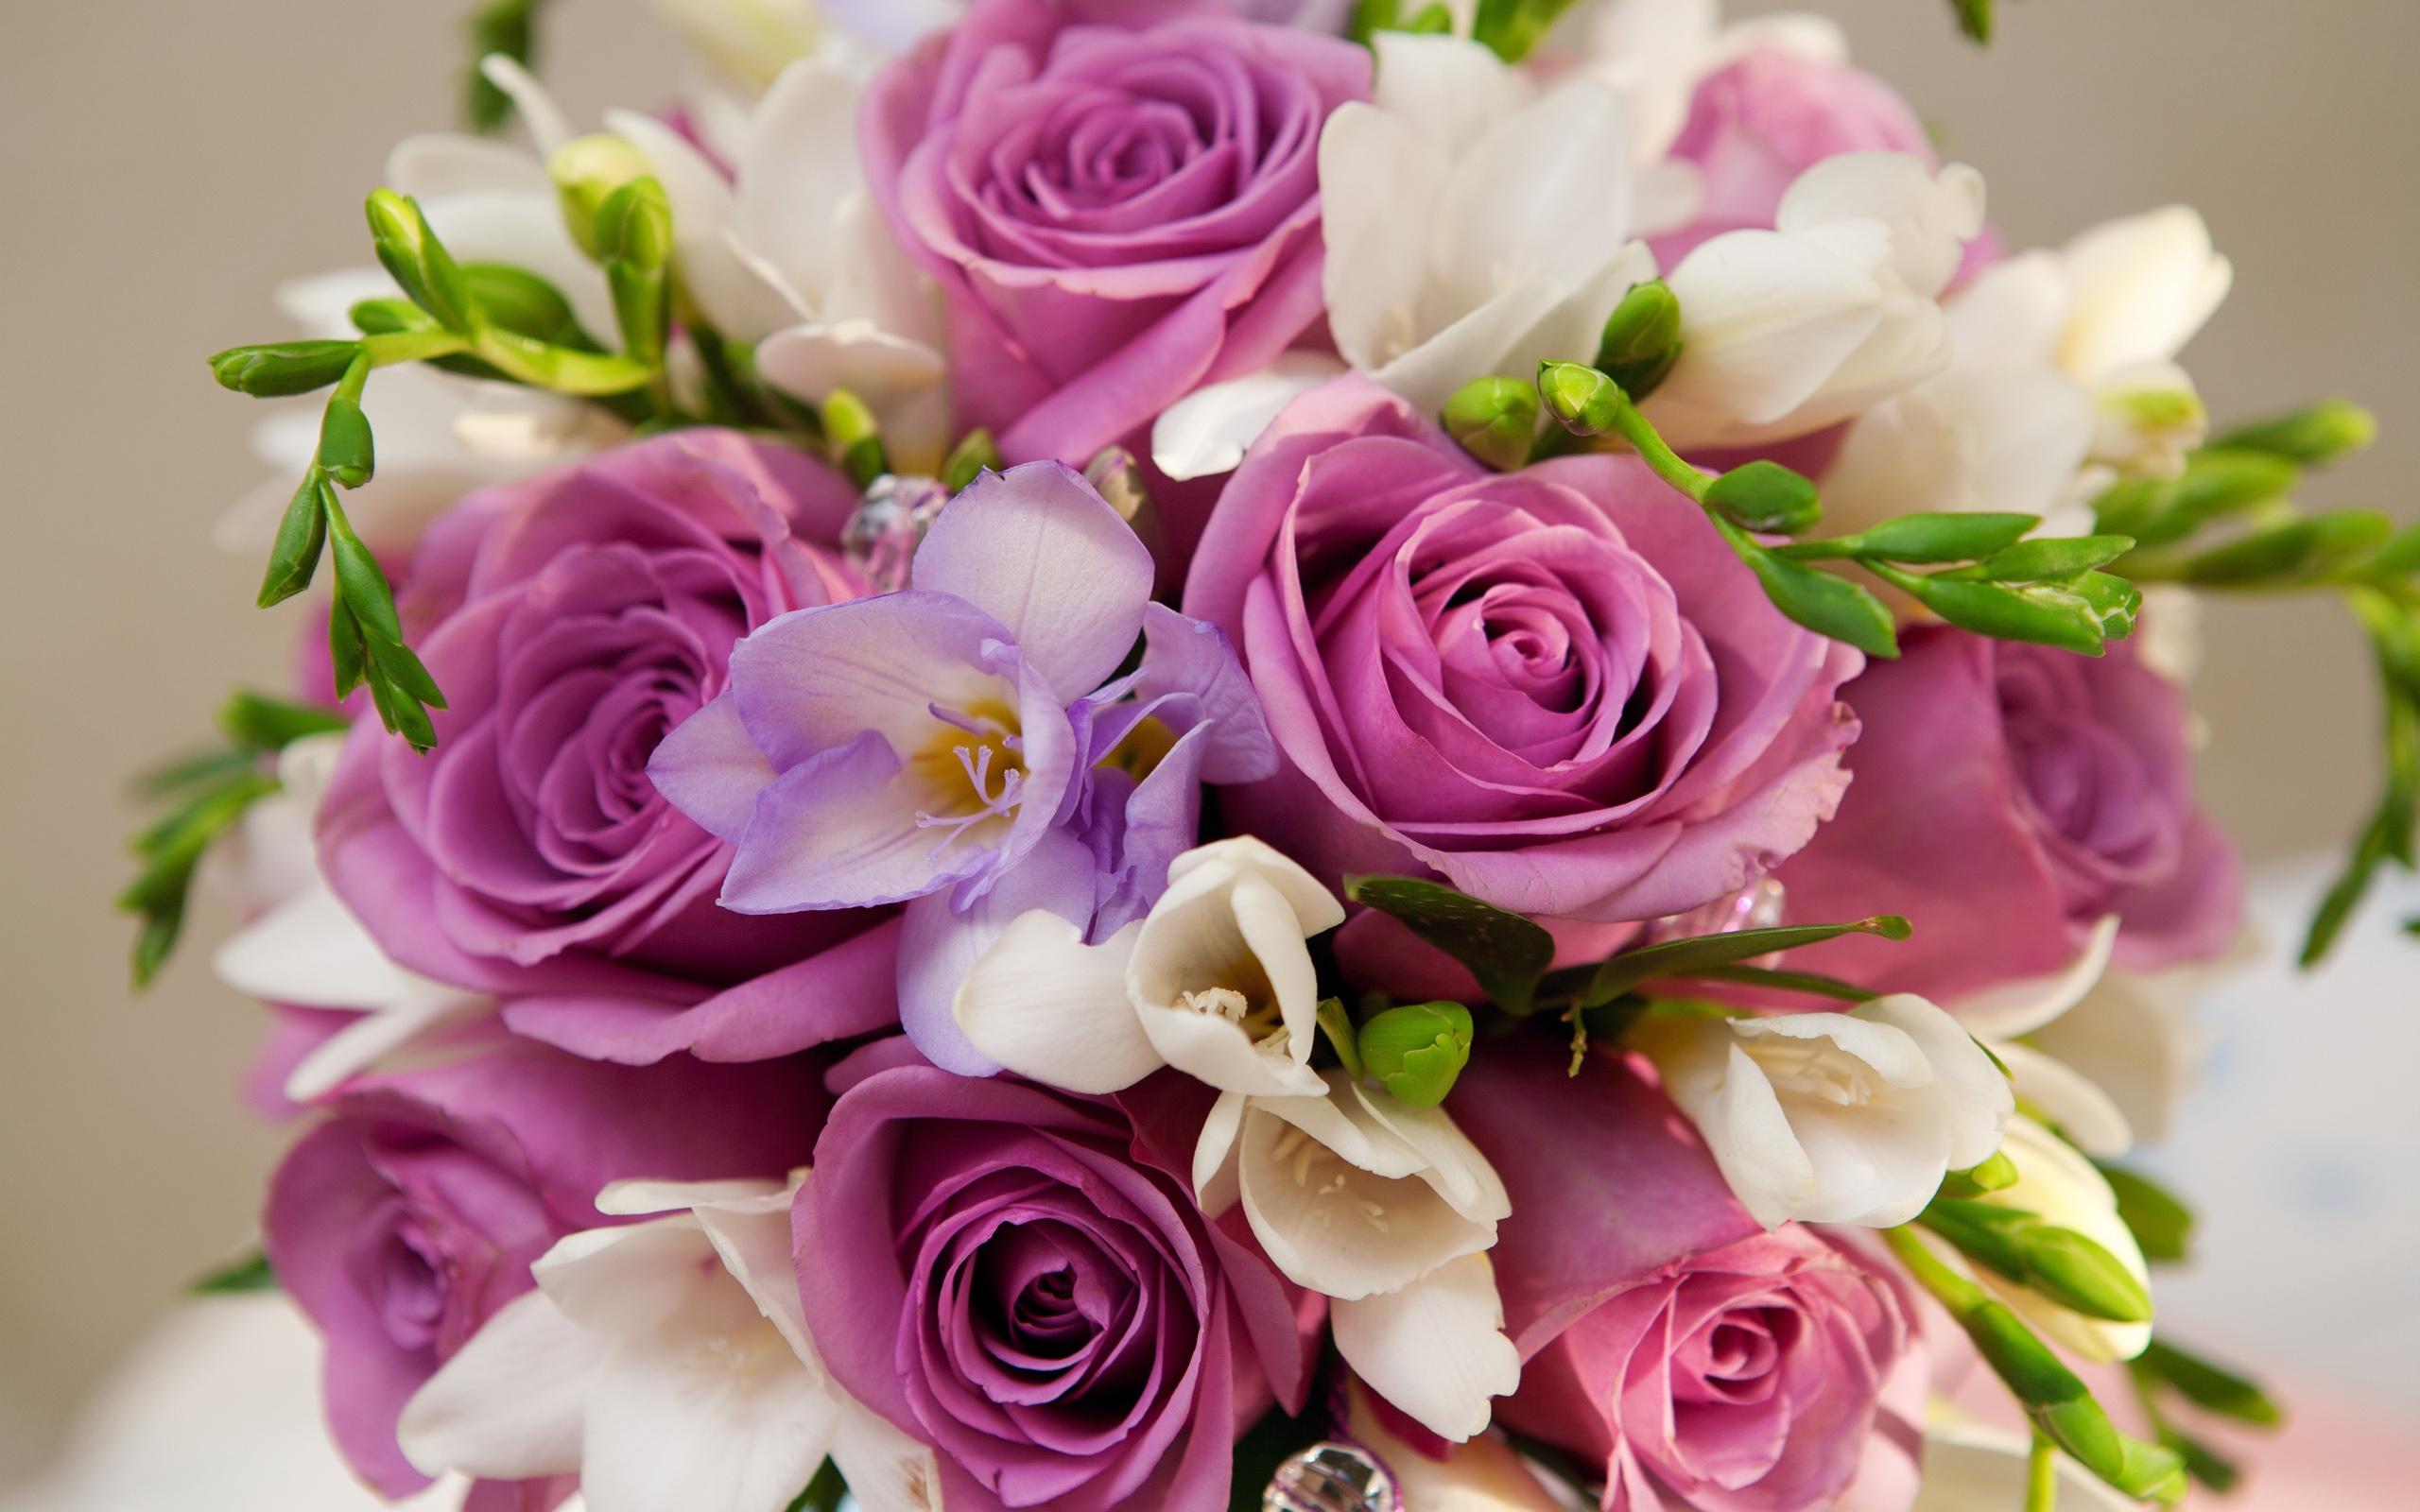 Fonds D Ecran Fleurs Violettes Roses Bouquet 2560x1600 Hd Image